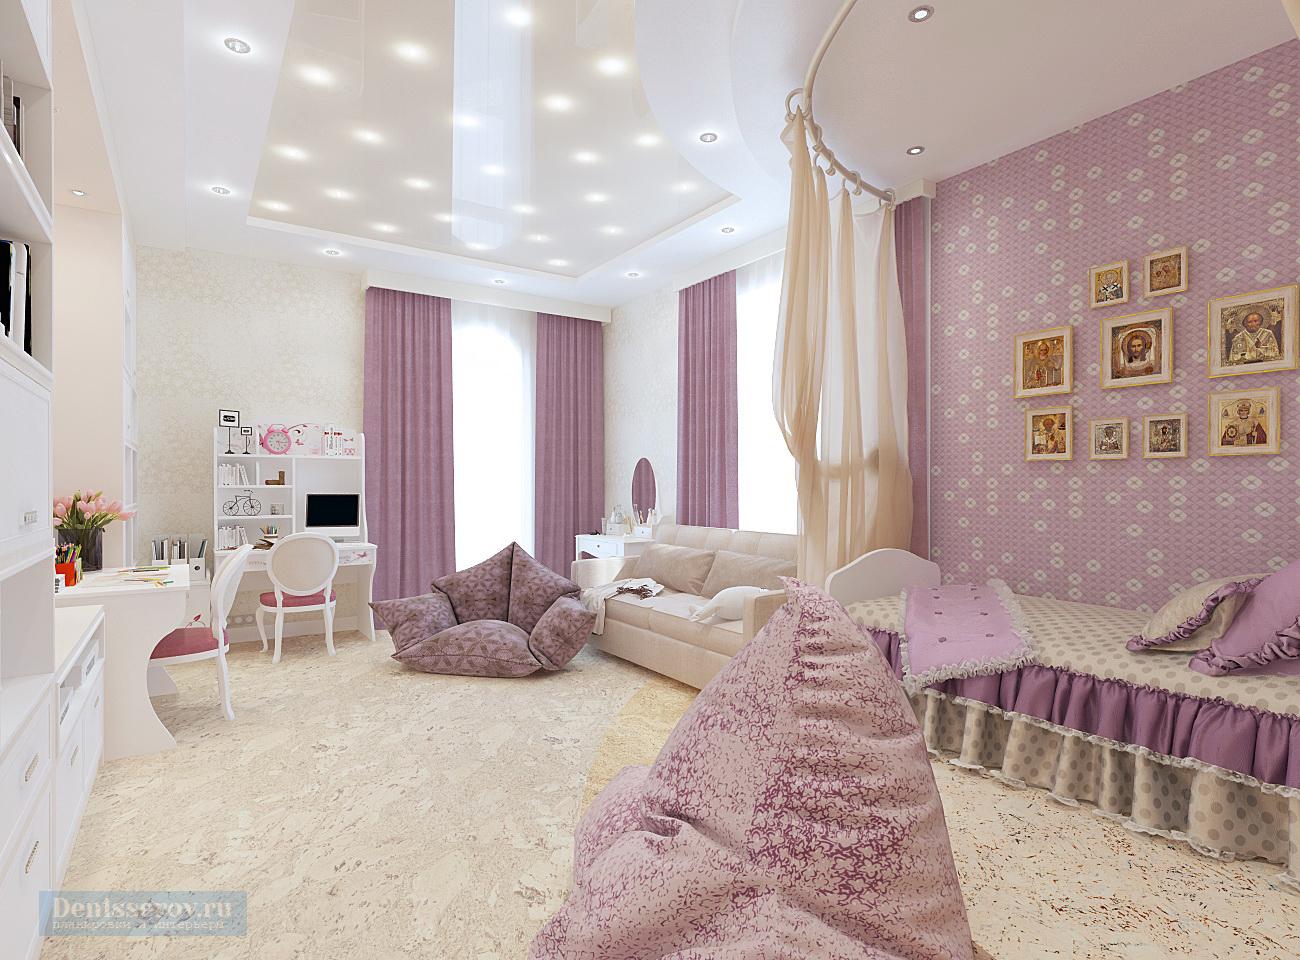 Proekt-detskaya-dlya-2-devochek-v-rozovom-cvete-1111